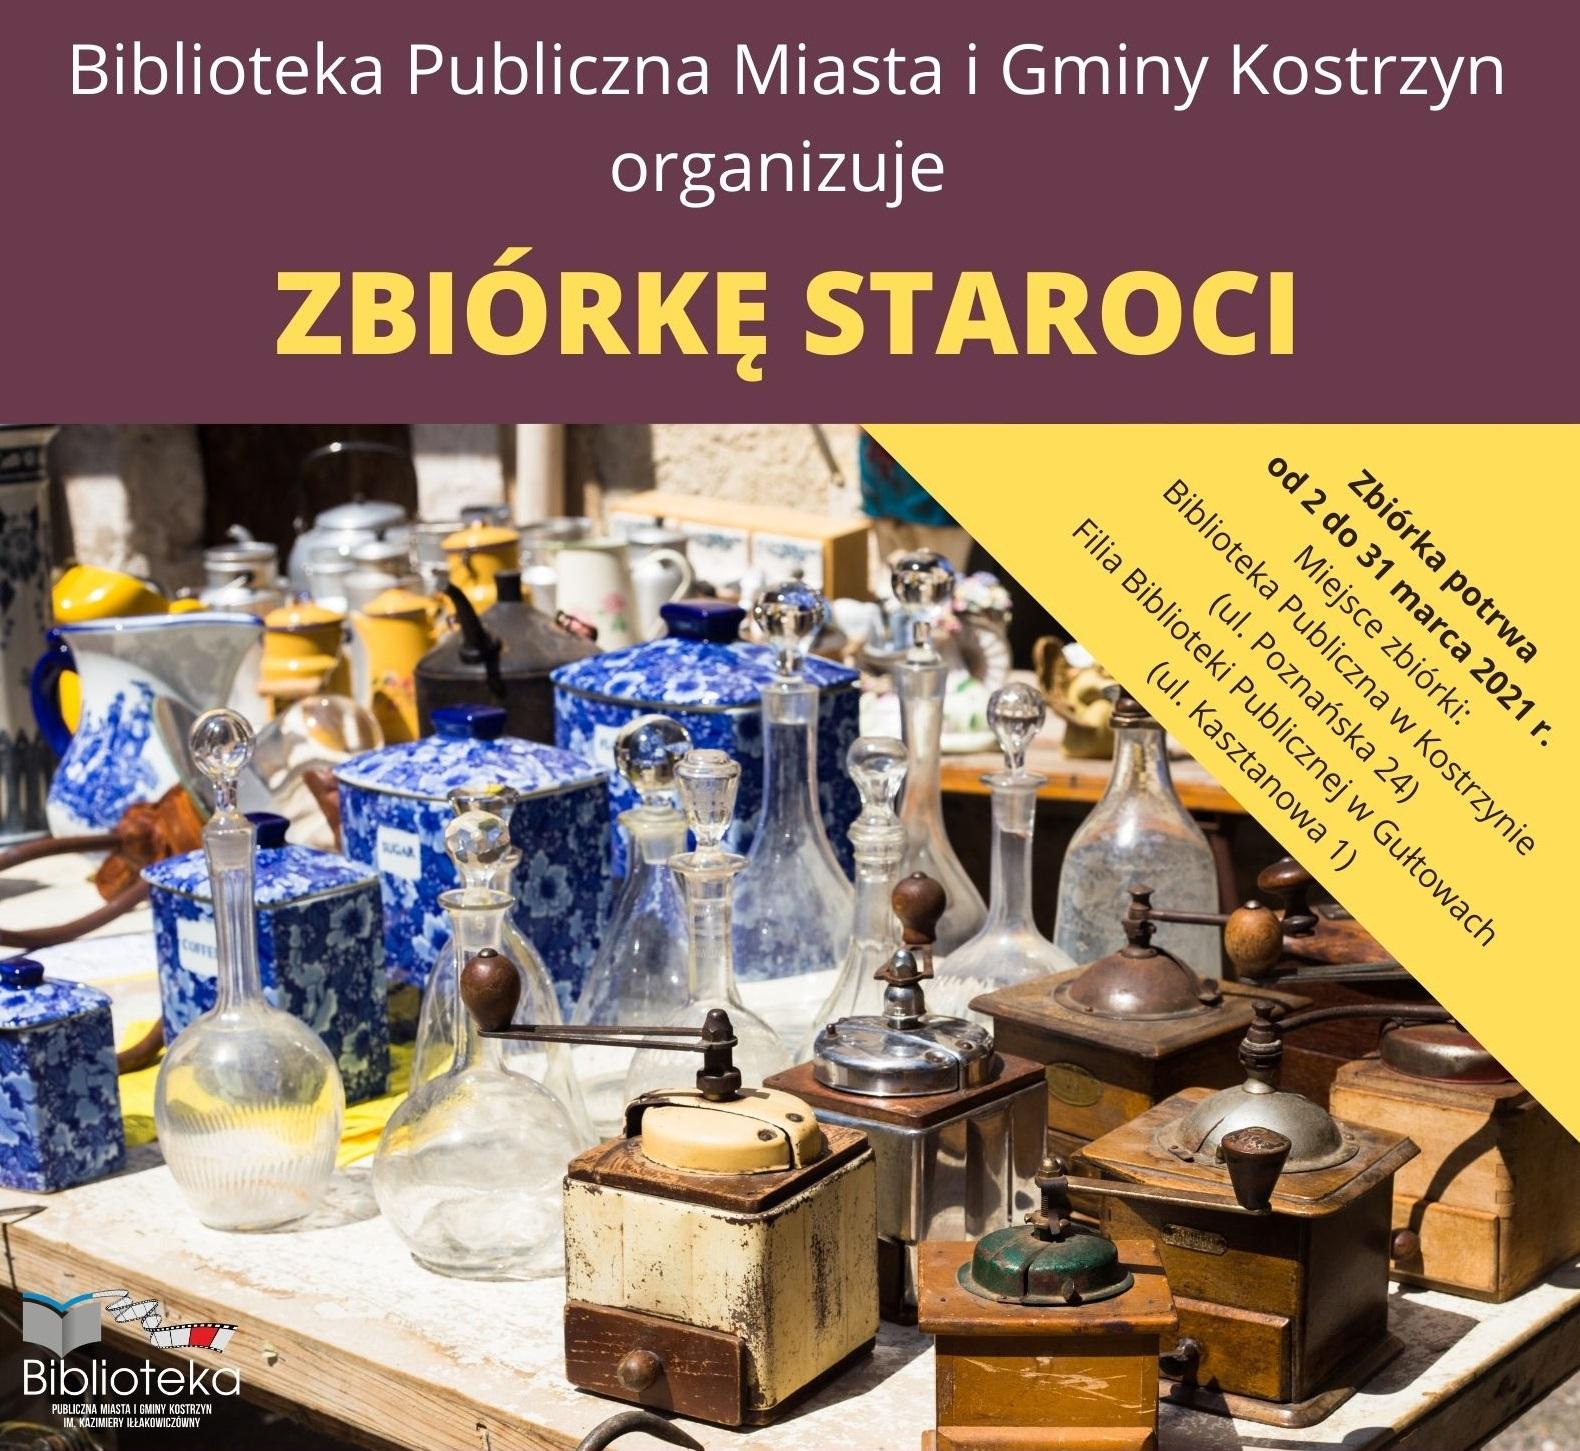 Na fioletowym tle napis Biblioteka organizuje zbiórkę staroci. Poniżej zdjęcie ze starymi przedmiotami: butelki, stare młynki do kawy, naczynia.